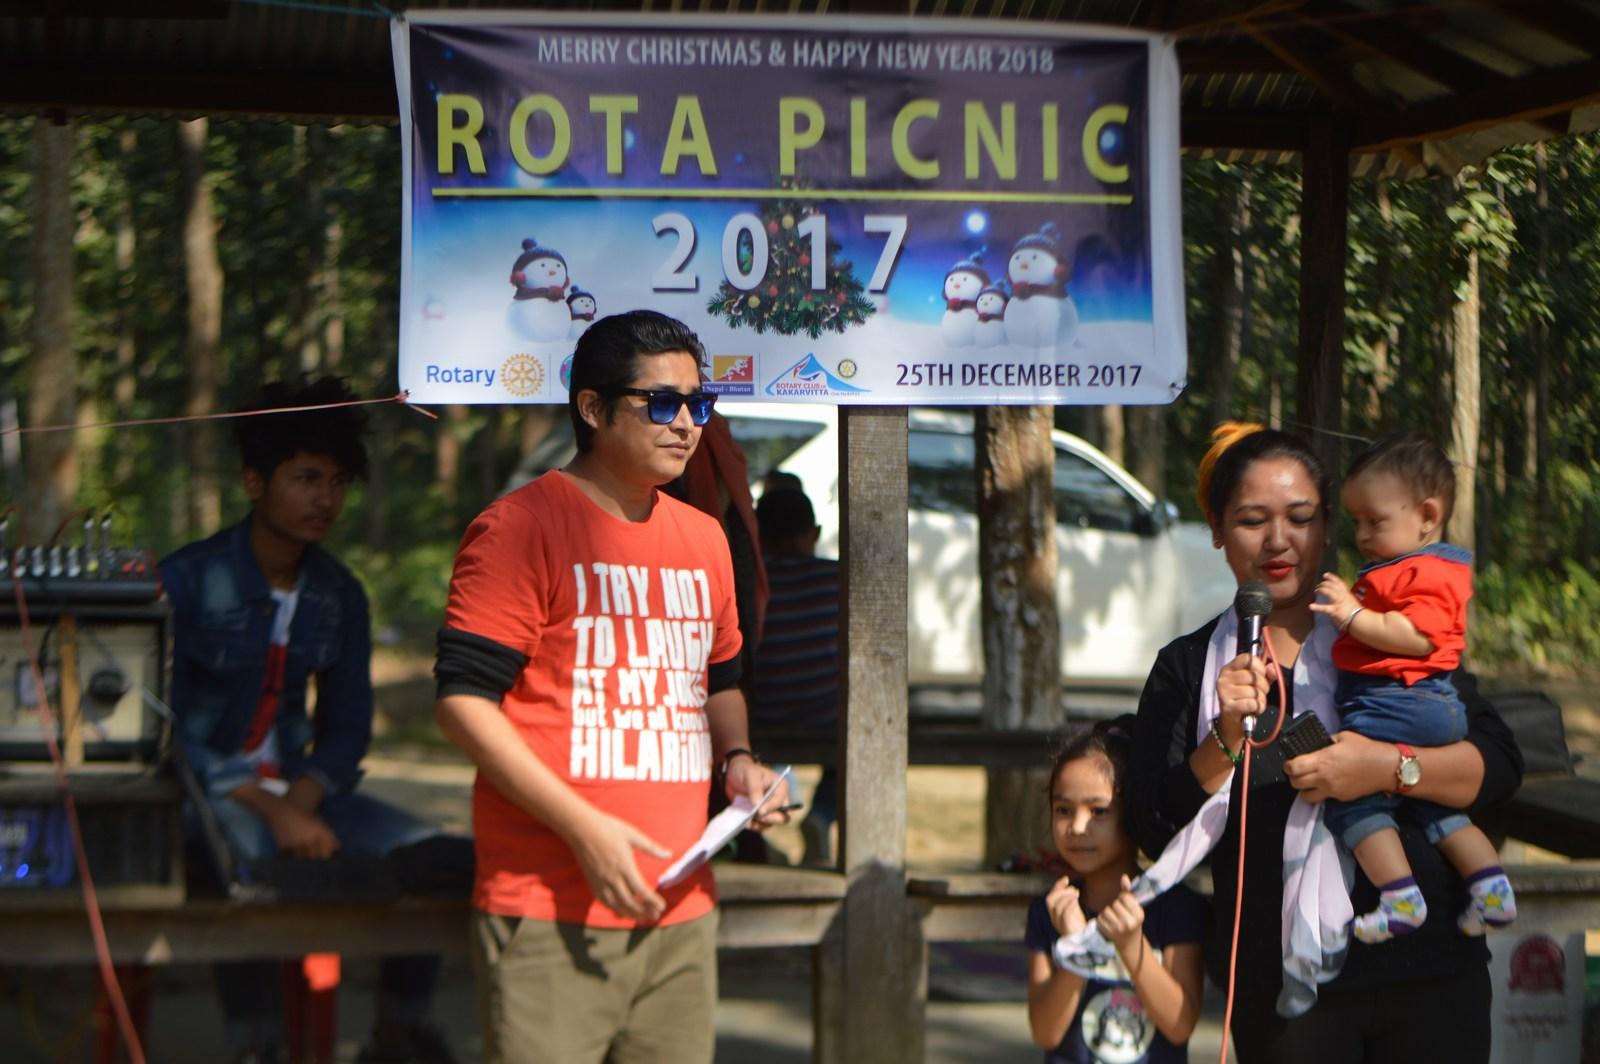 Rota-Picnic-2017-Rotary-Club-of-Kakarvitta-82